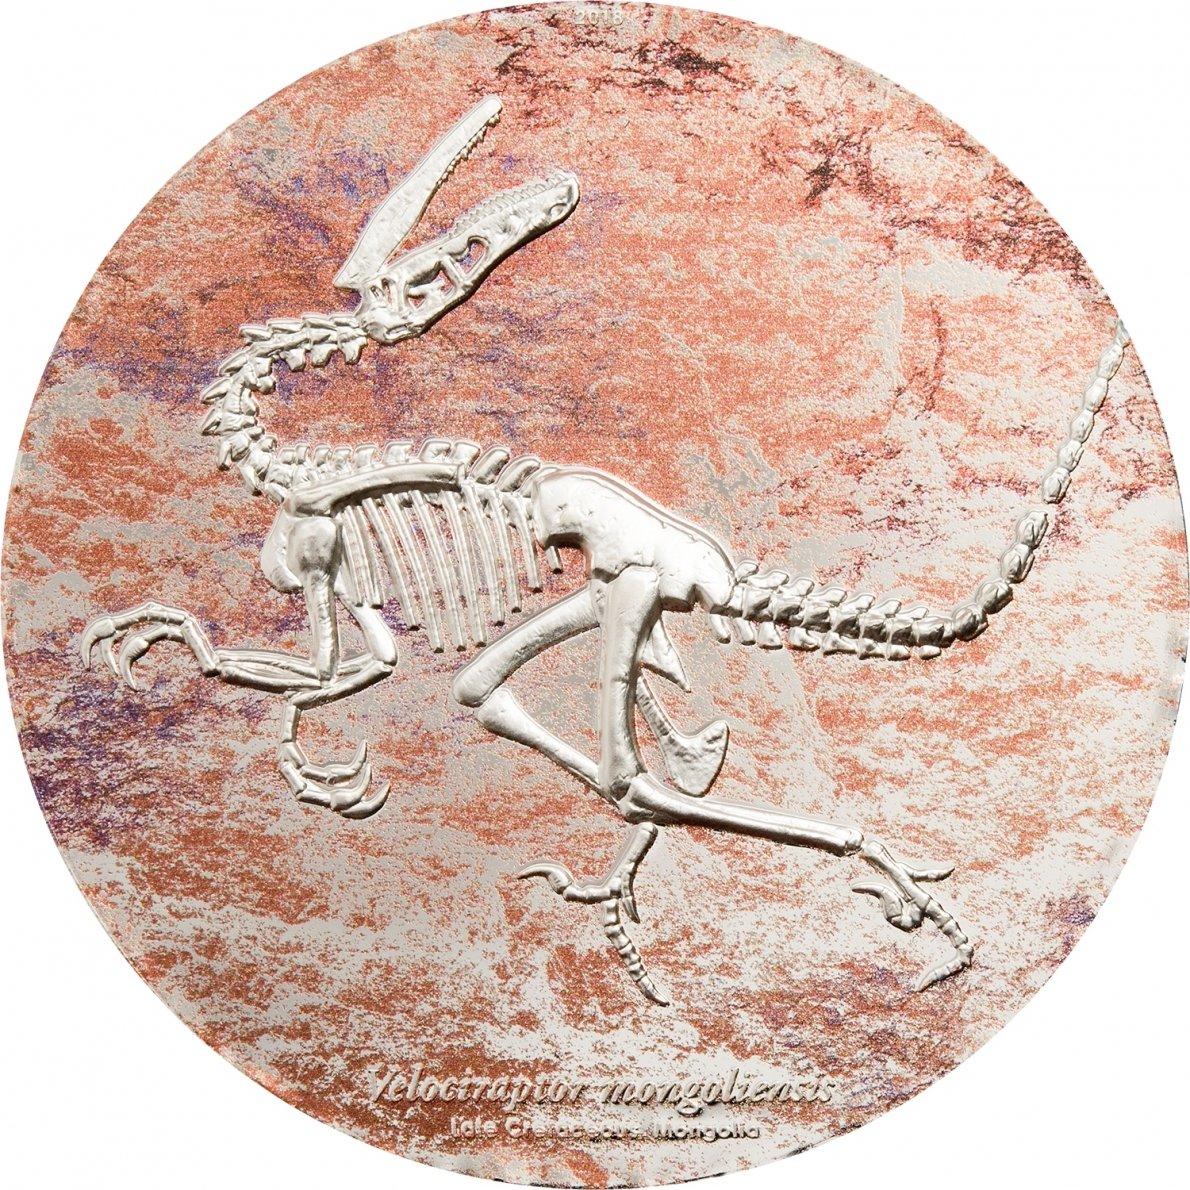 InverCoin Prähistorische Bestien - Velociraptor 2000 Togrog 3 Unzen farbig Silbermünze - Mongolei Dinosaurier 2018